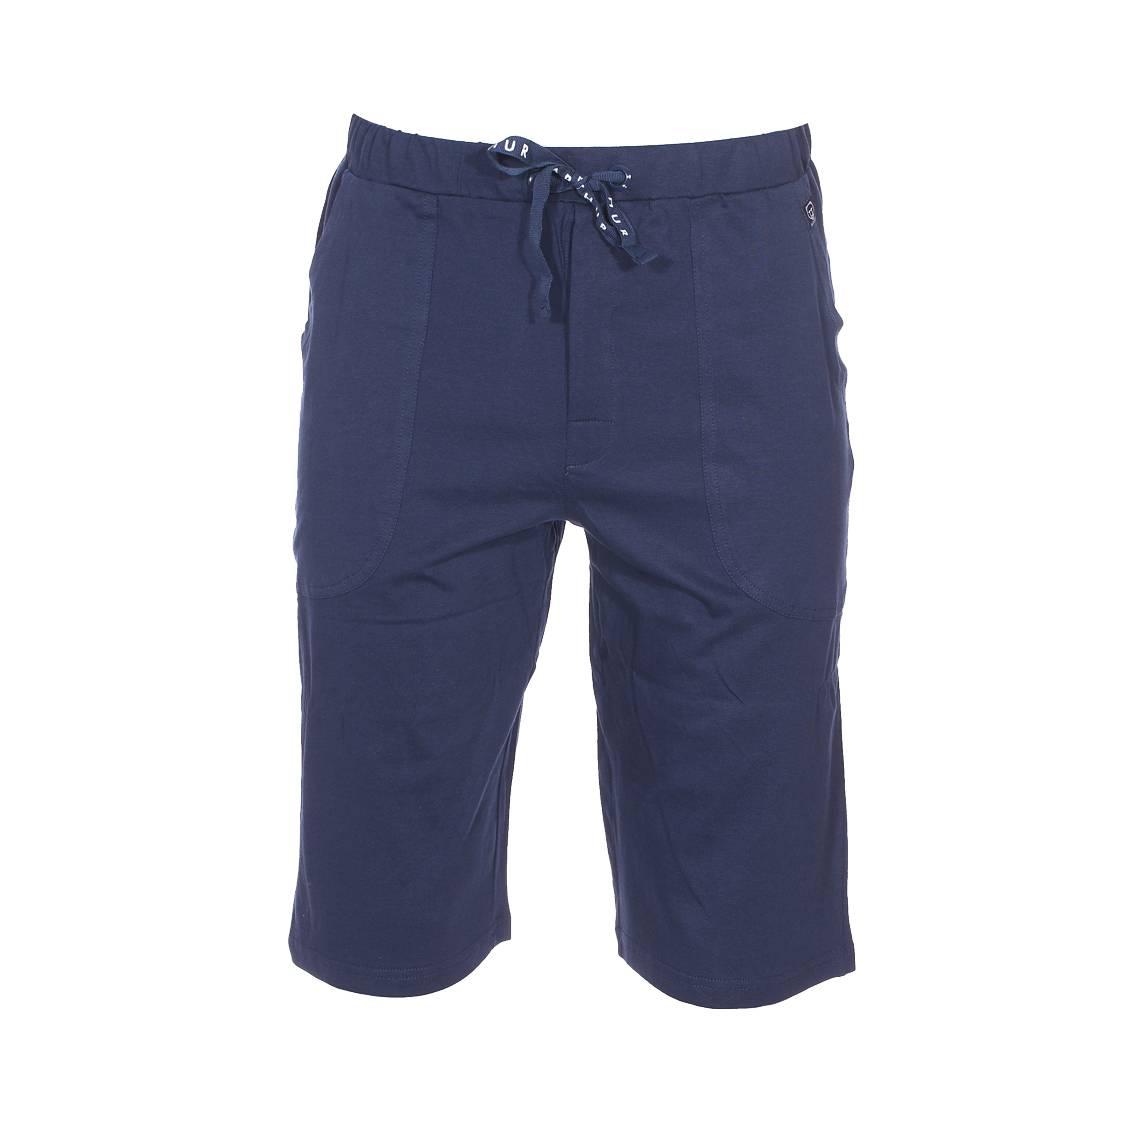 Short d\'intérieur  en coton bleu marine